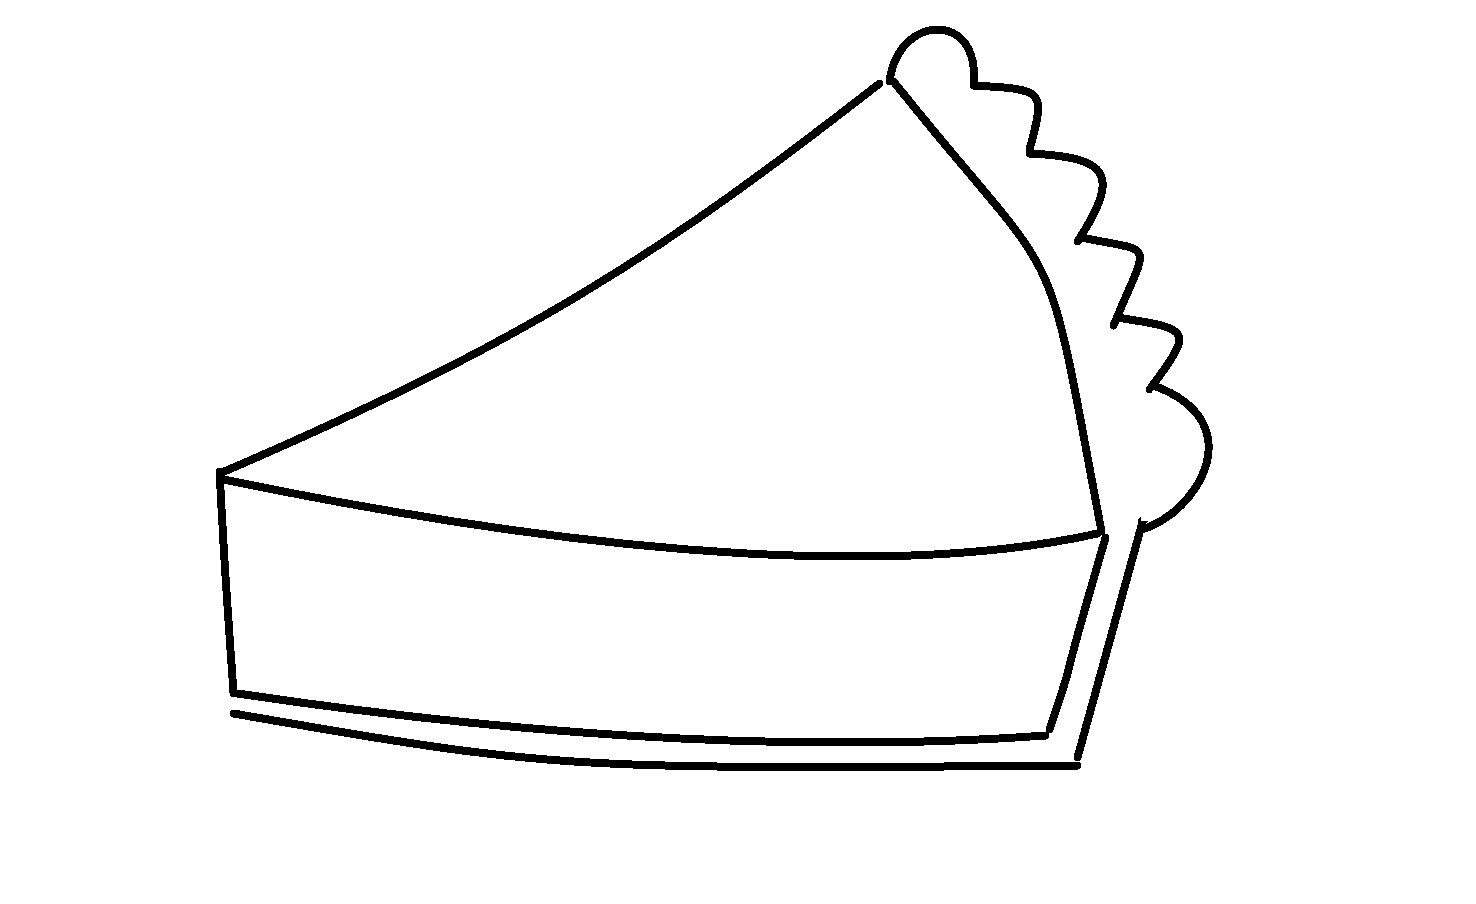 Clip Art Of Pumpkin Pie